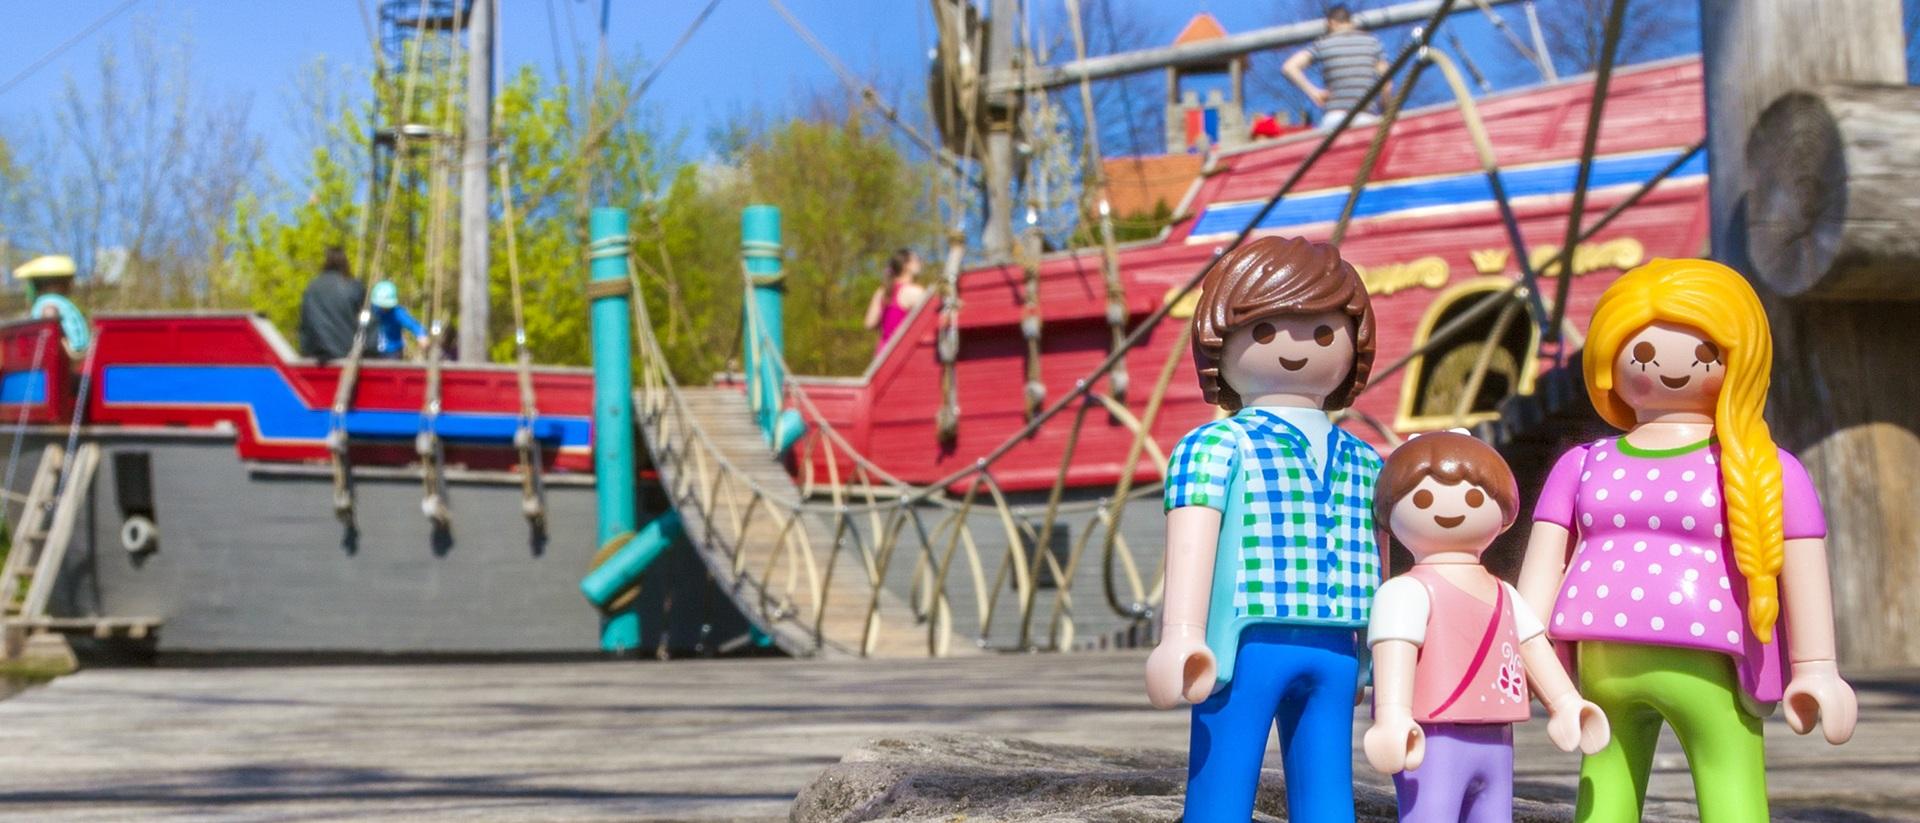 Playmobil fun park parking